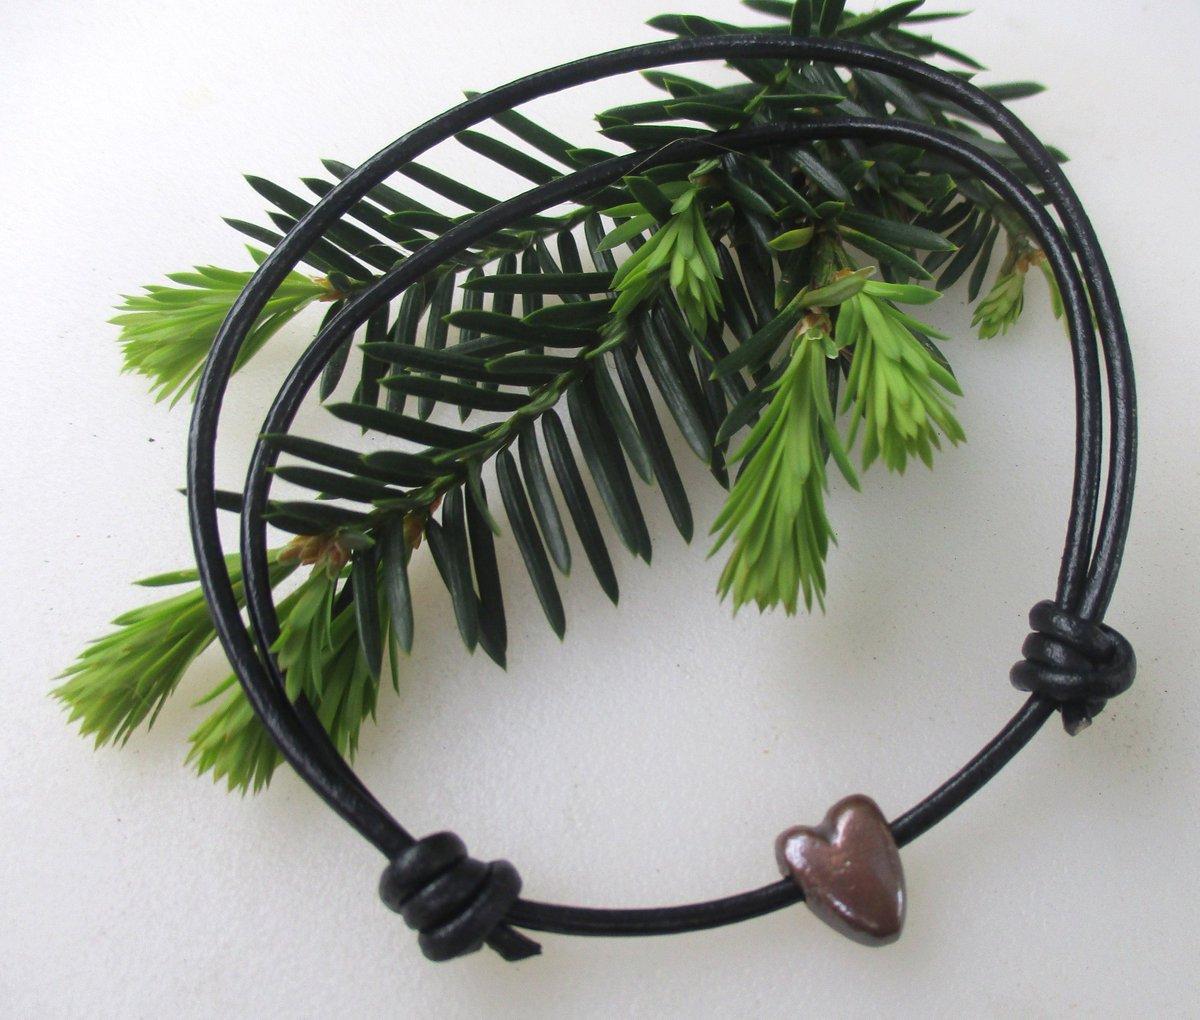 #HeartJewelry #FriendshipBracelet Single Heart Leather Bracelet